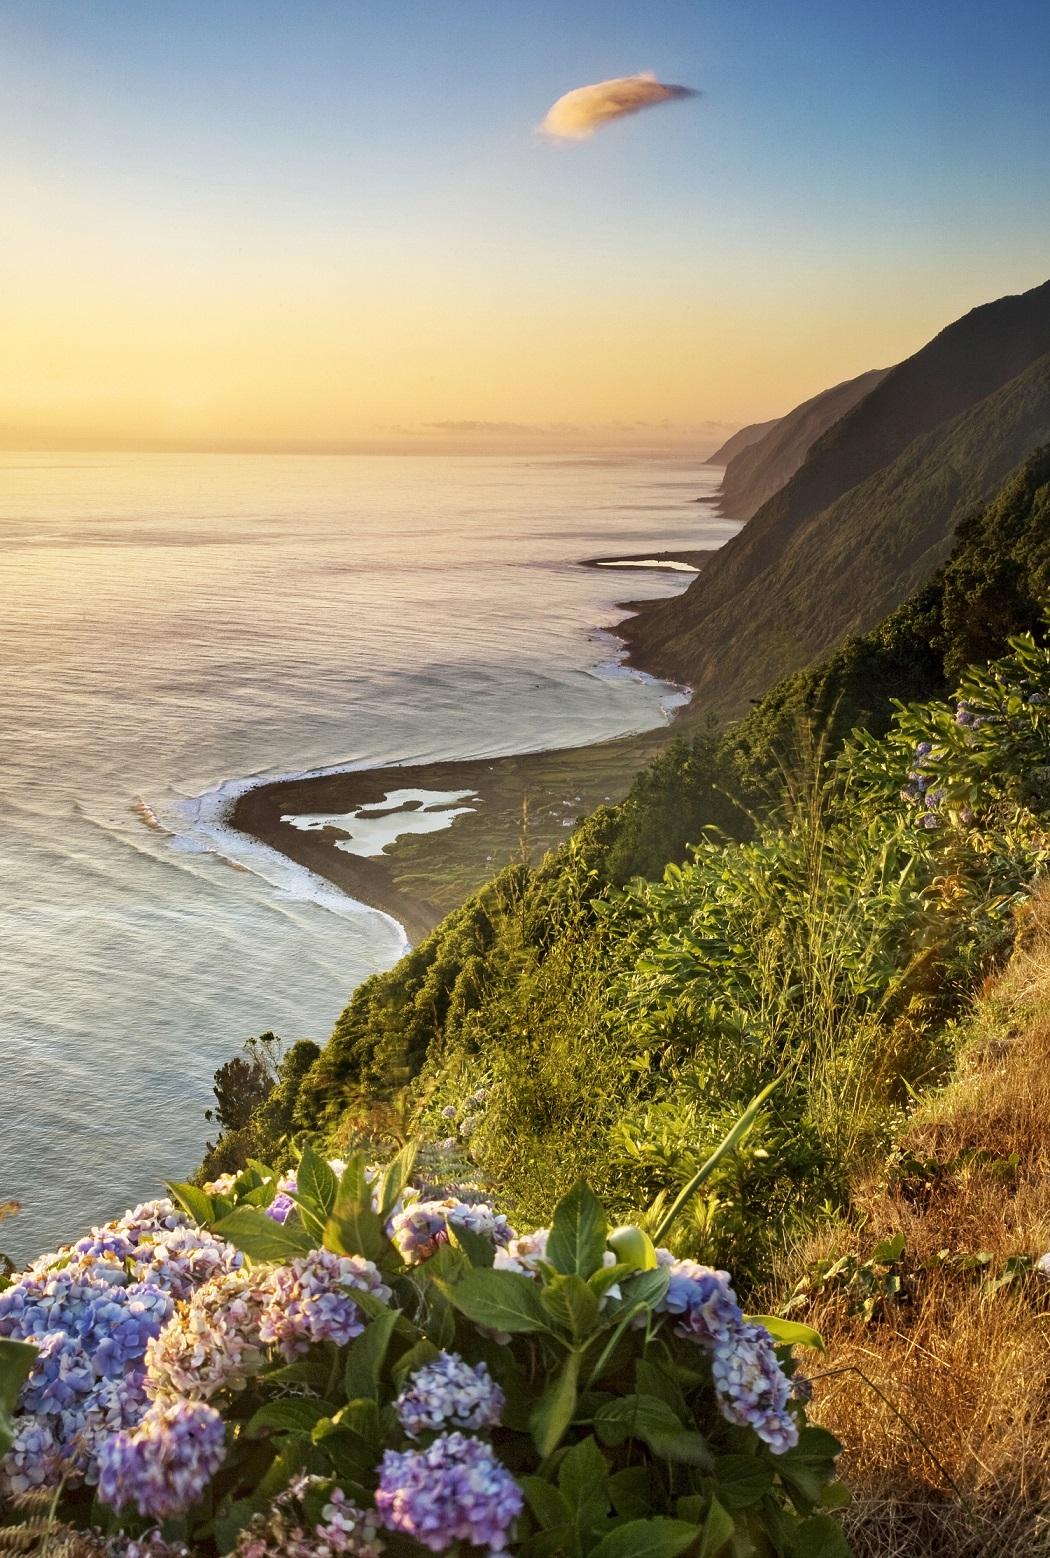 RESIZE Credit Carlos Duarte Turismo dos Açores